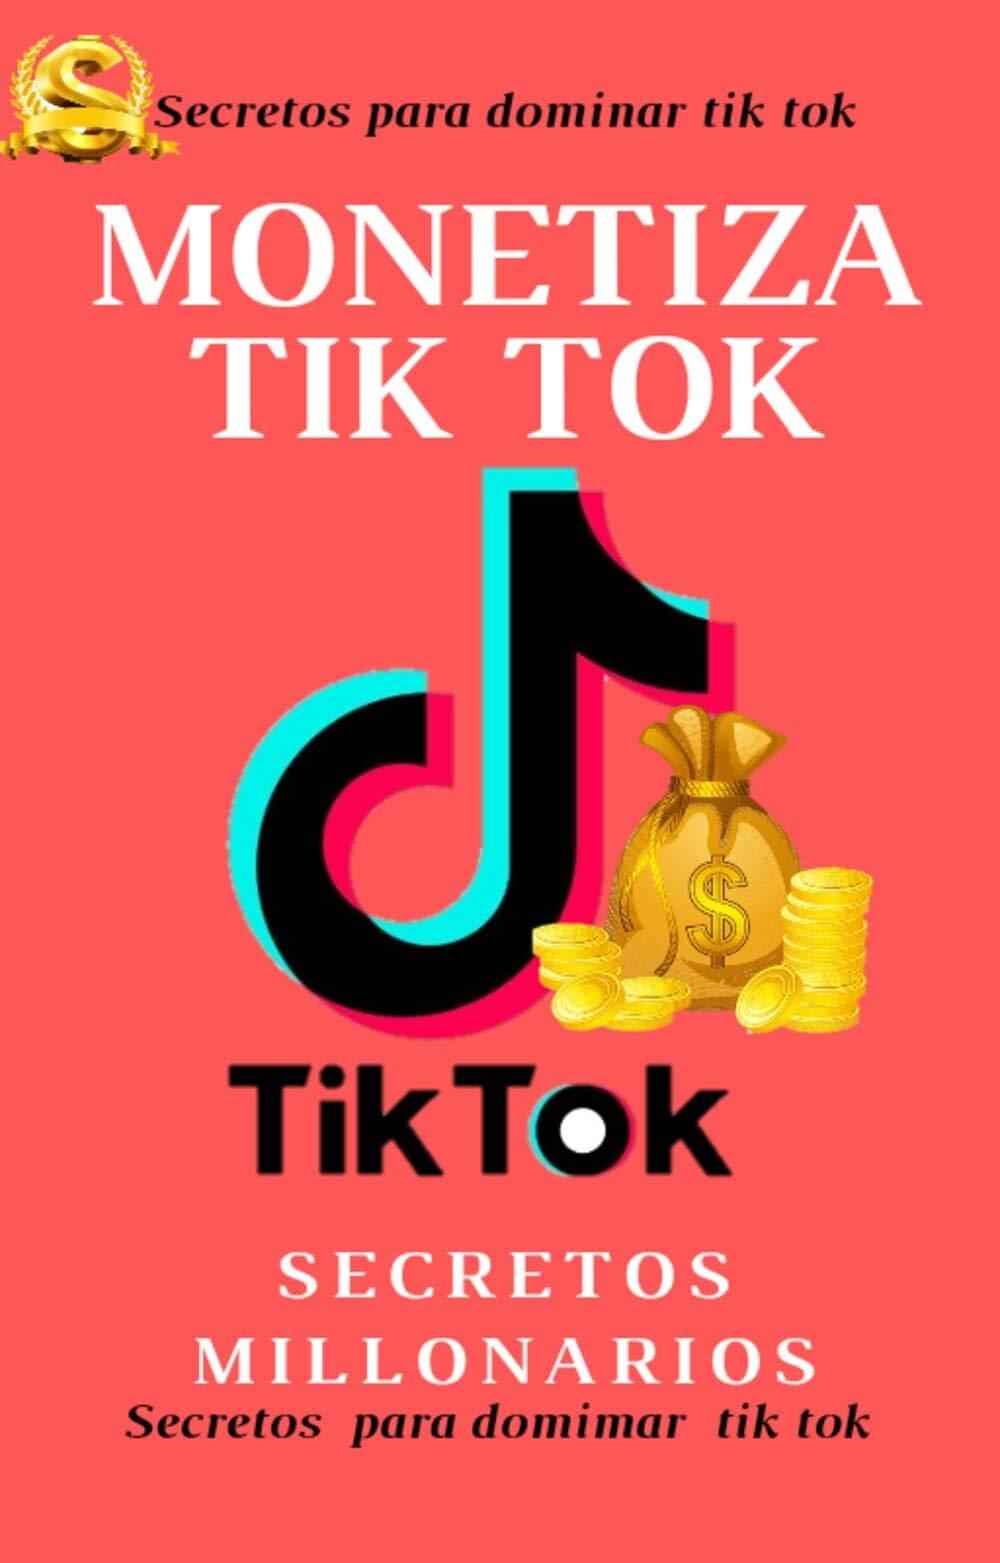 COMO MONETIZAR TIK TOK : DOMINA TIK TOK. EL SECRETO QUE TODOS EN TIK TOK TIENEN QUE SABER (Spanish Edition)